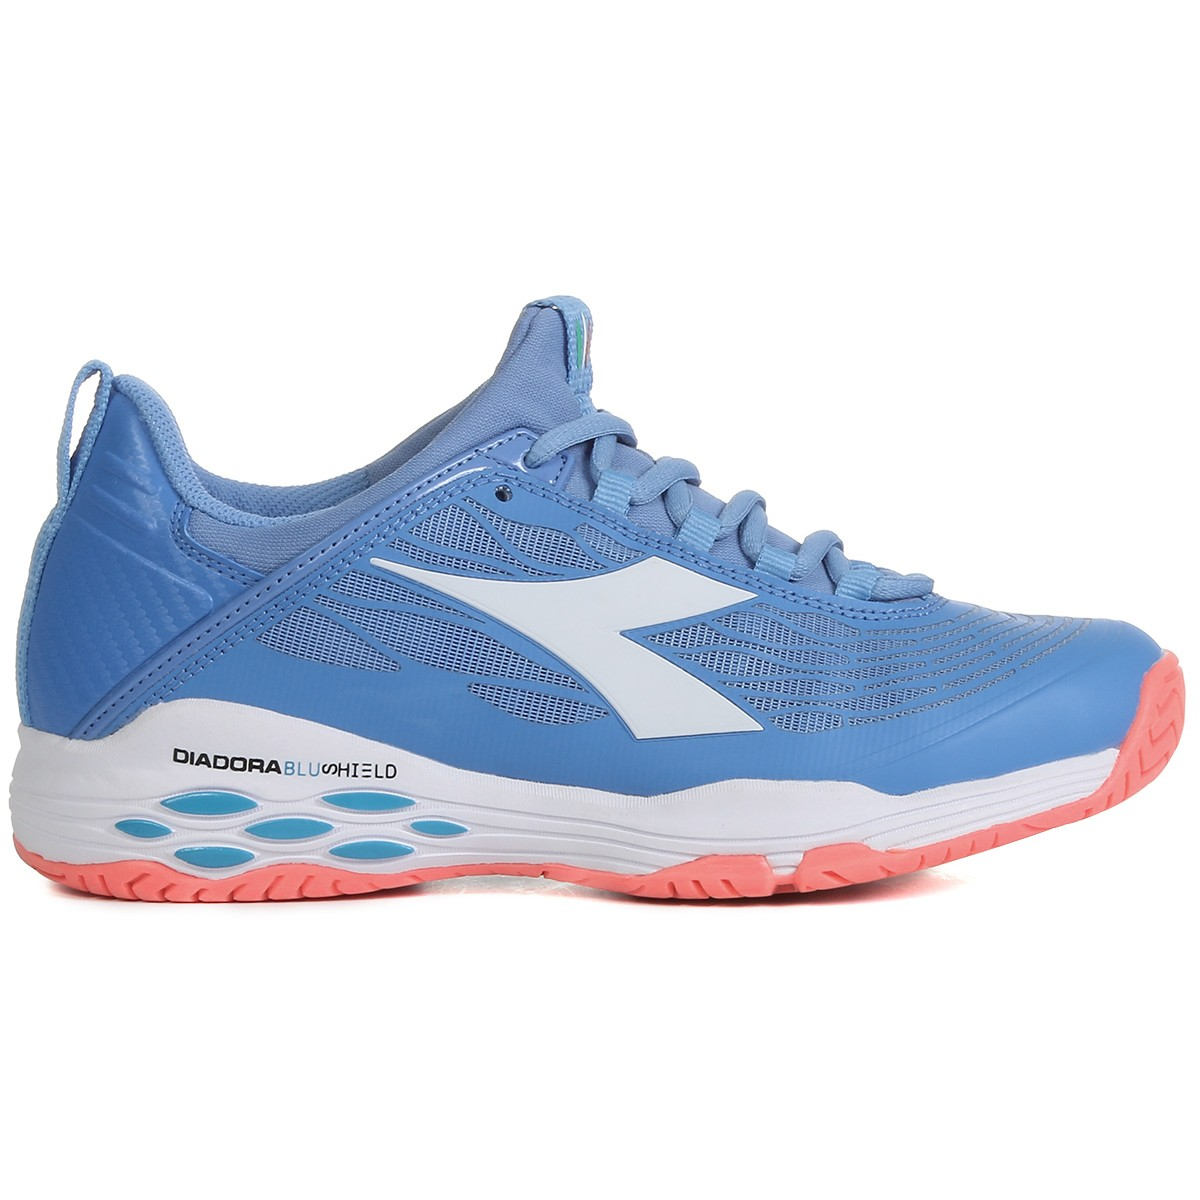 Diadora 2018 Chaussures De Tennis Bleu Homme Sortie